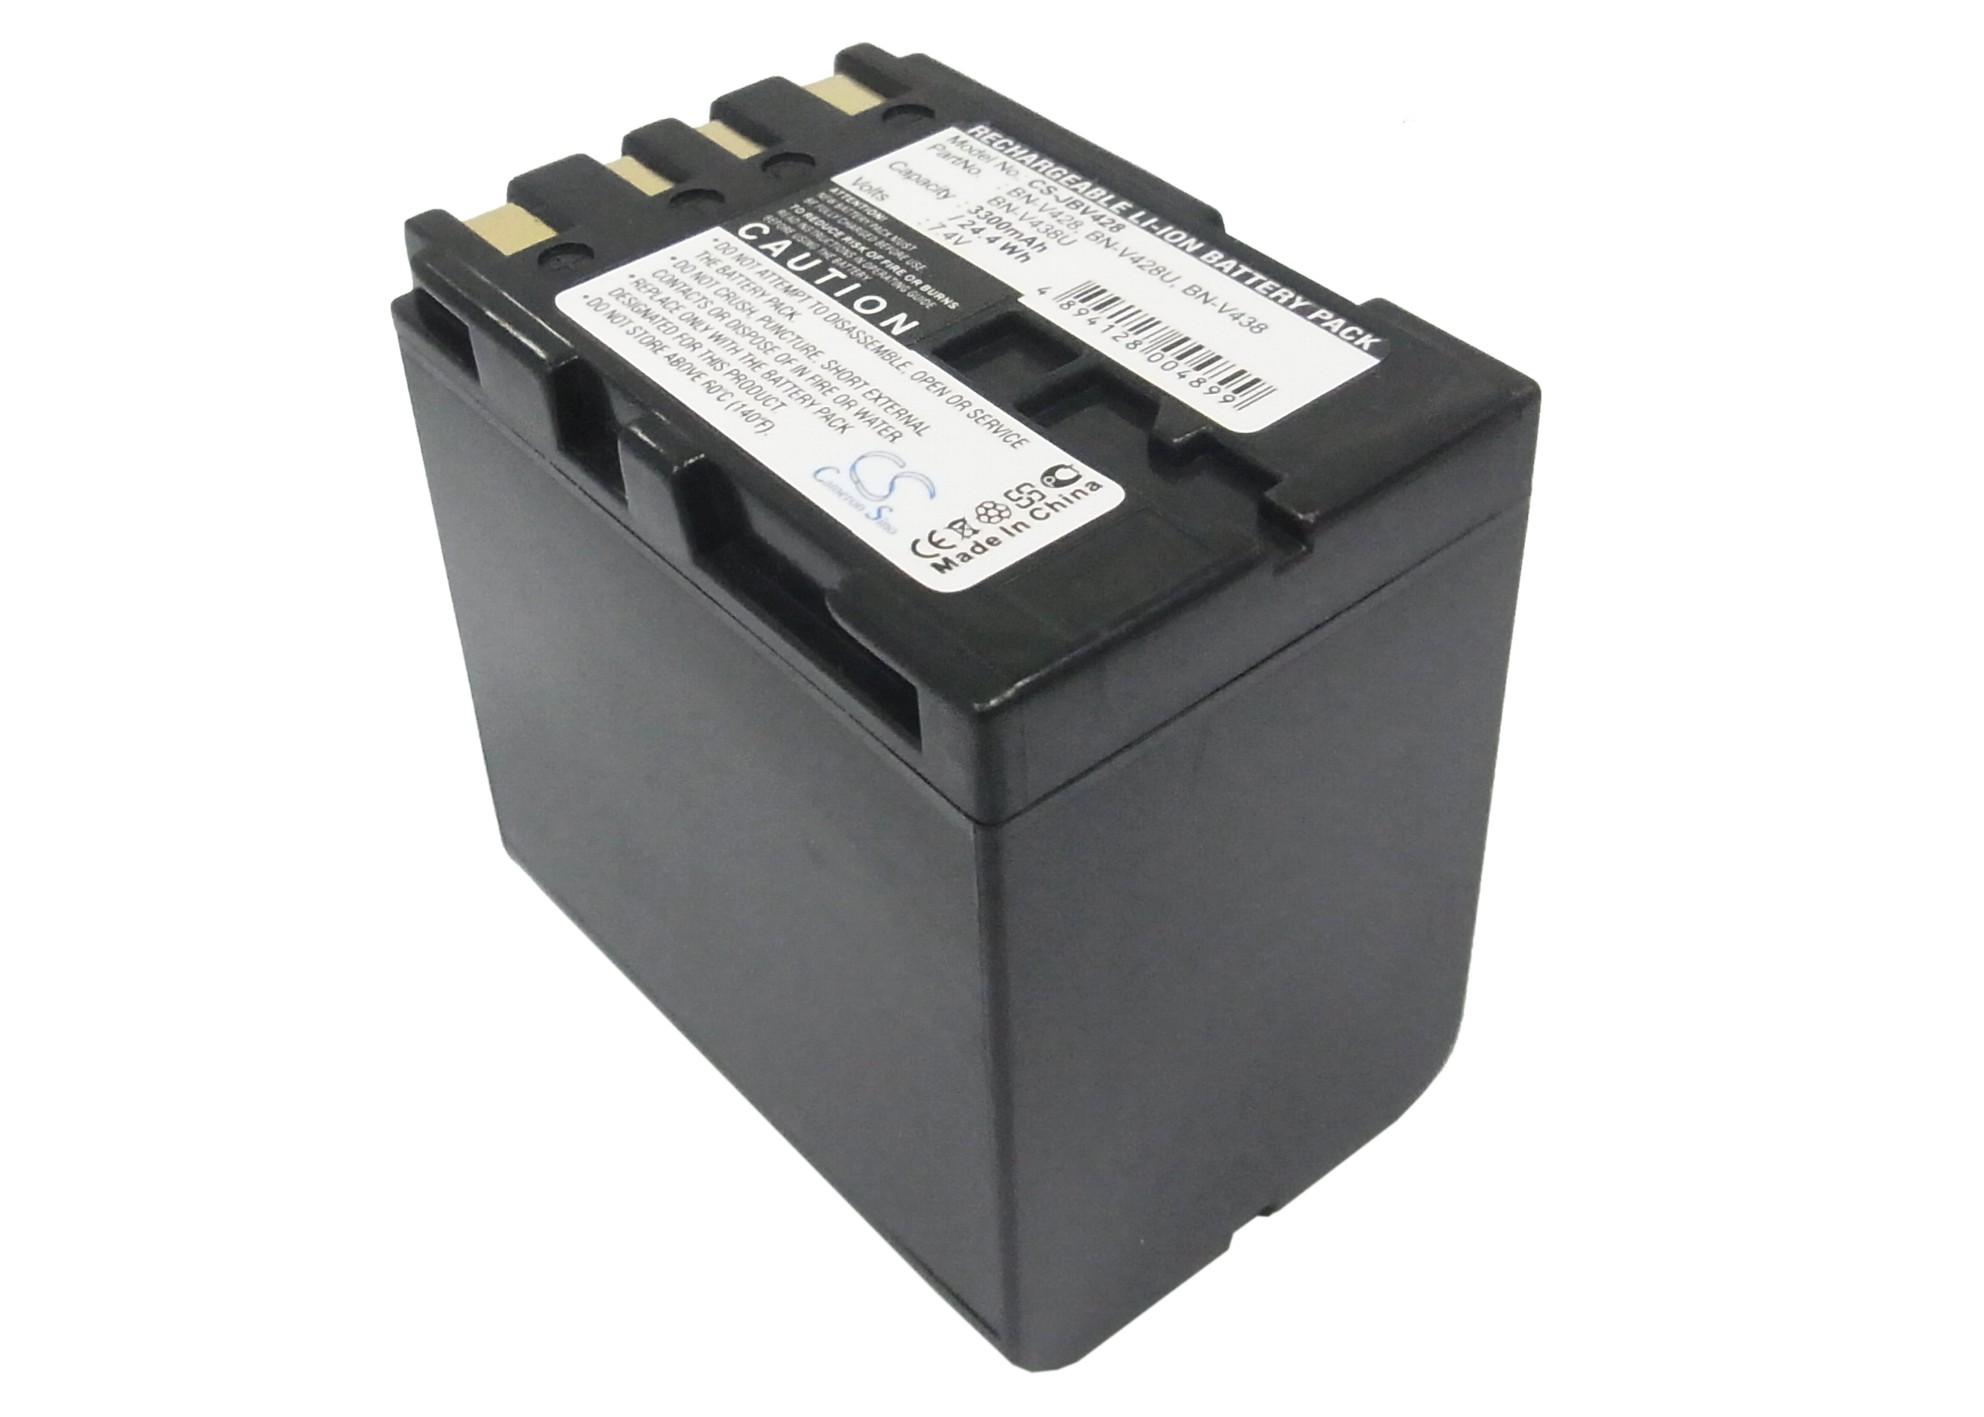 Cameron Sino baterie do kamer a fotoaparátů pro JVC GR-D21 7.4V Li-ion 3300mAh tmavě šedá - neoriginální